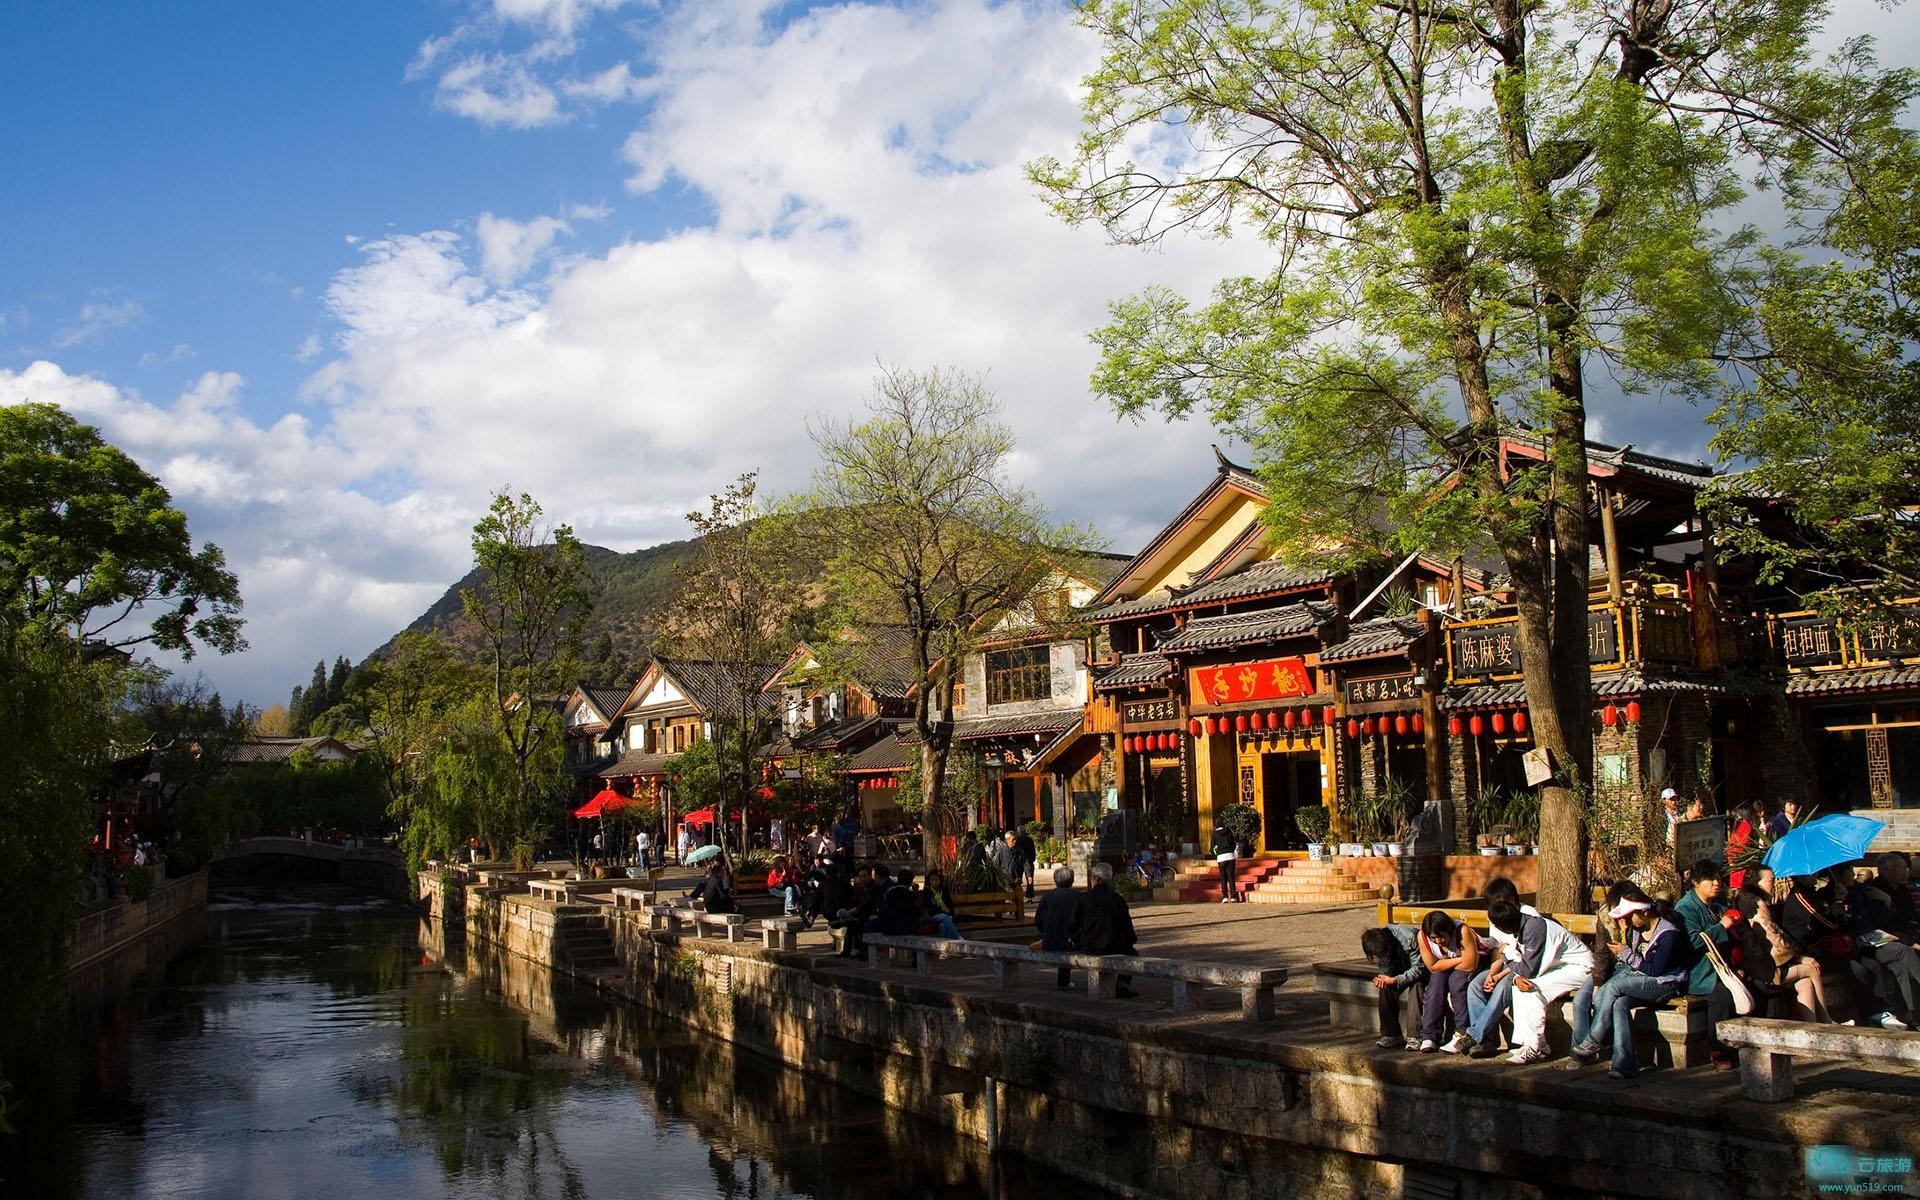 丽江古城 - 景点介绍_地图_旅游网 - 云旅游